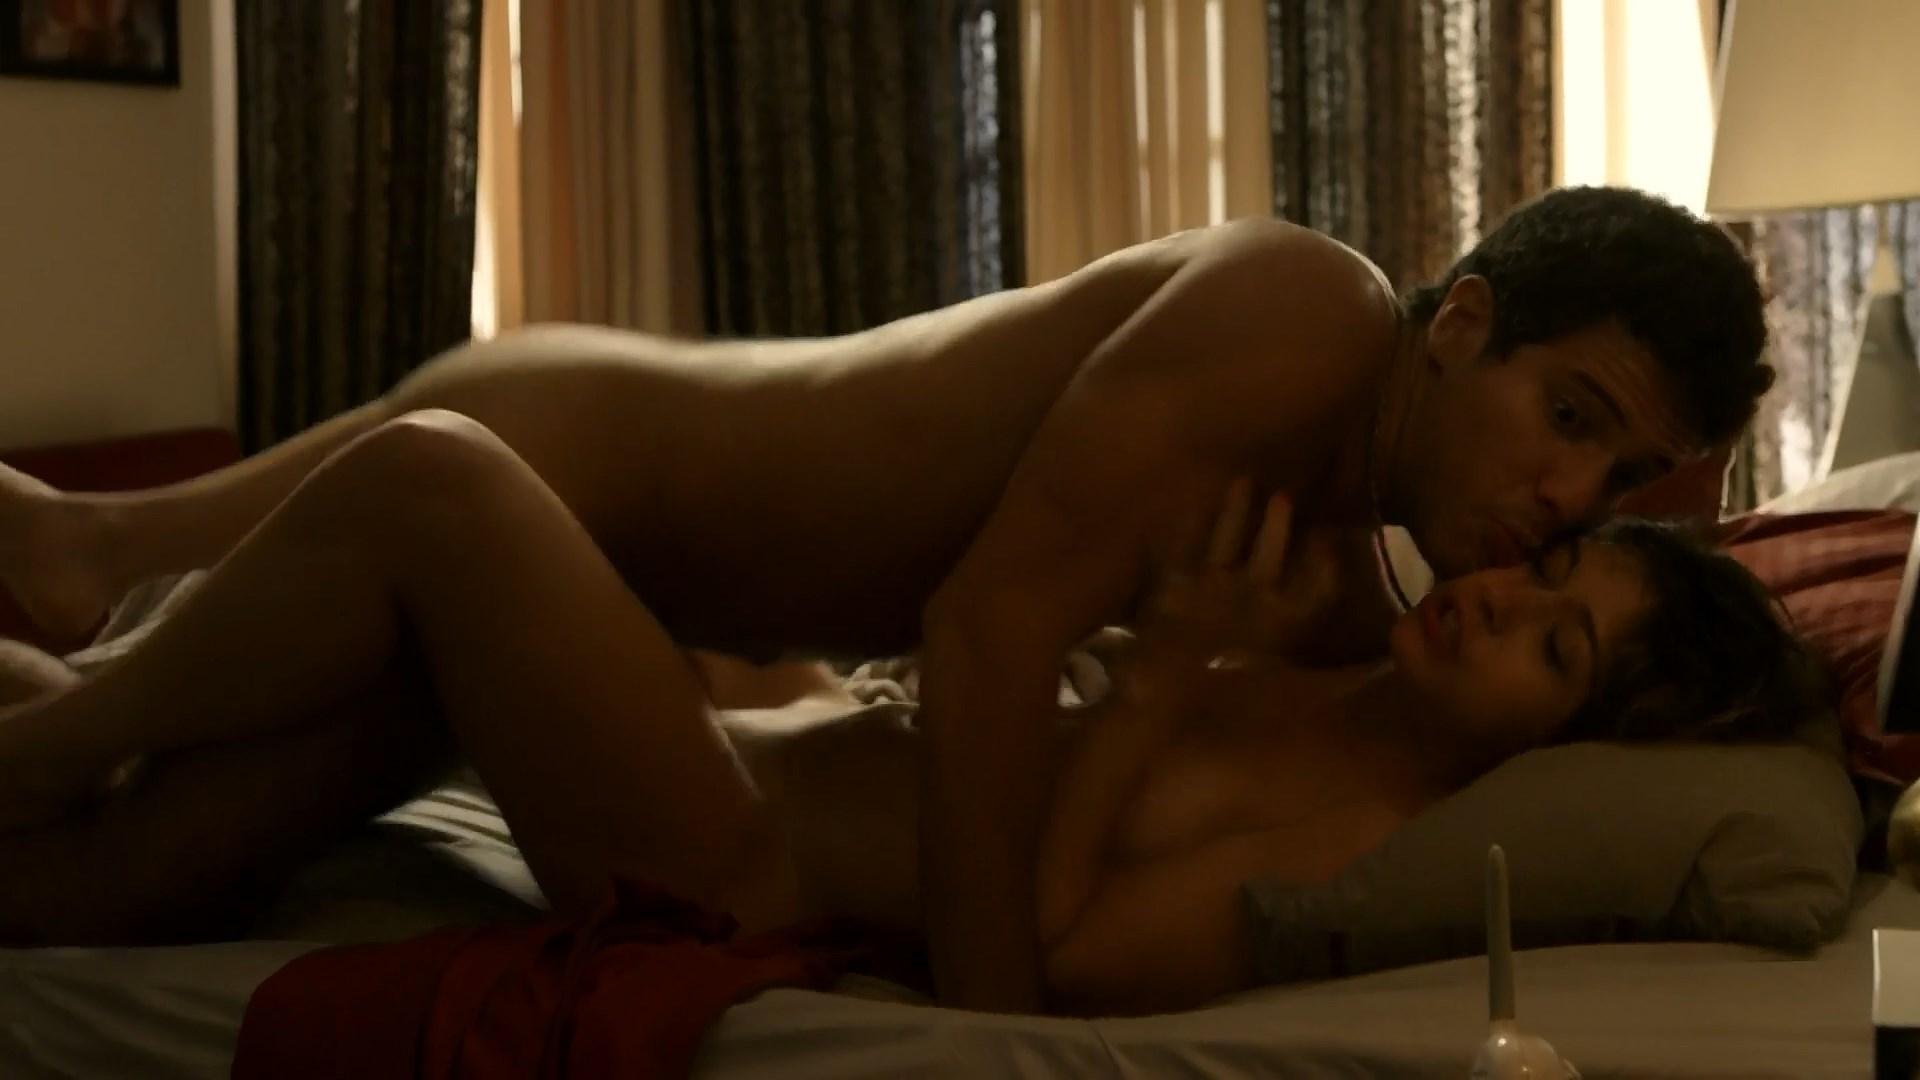 süße liebe jannah topless